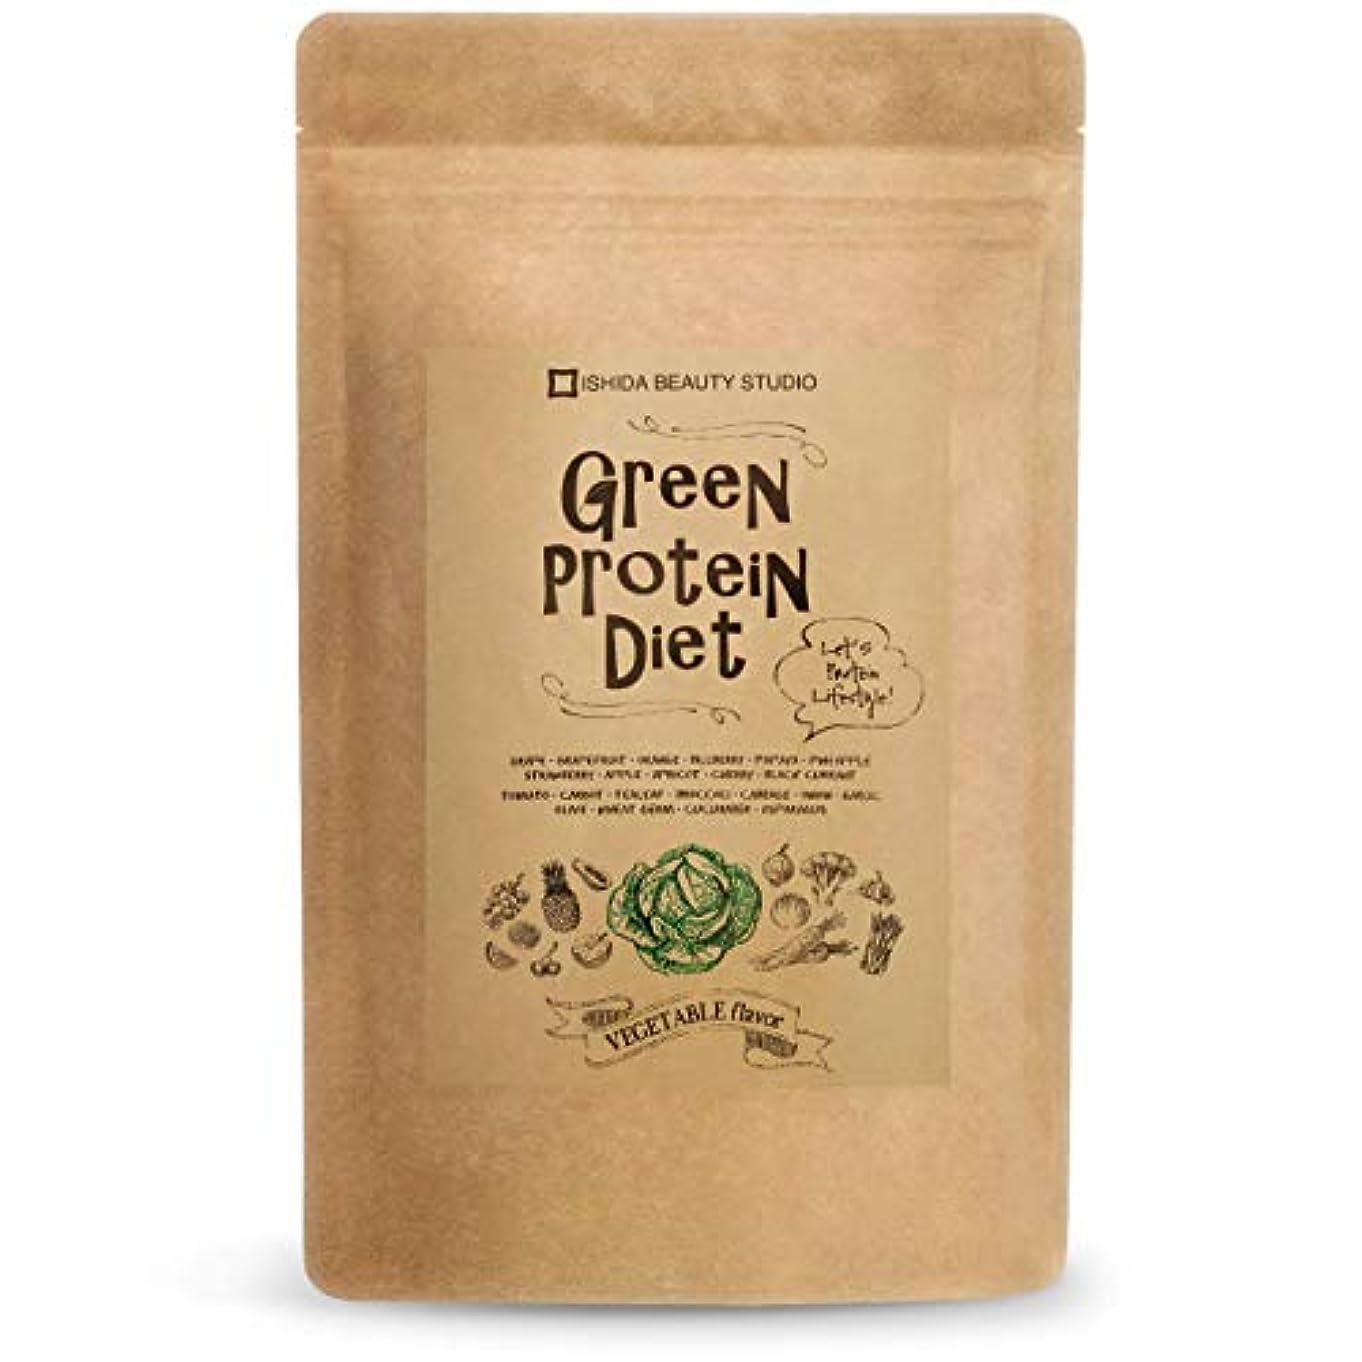 海洋尊敬する実験グリーン プロテイン ダイエット シェイク 置き換え スムージー 酵素青汁配合 (ベジタブル, 200)